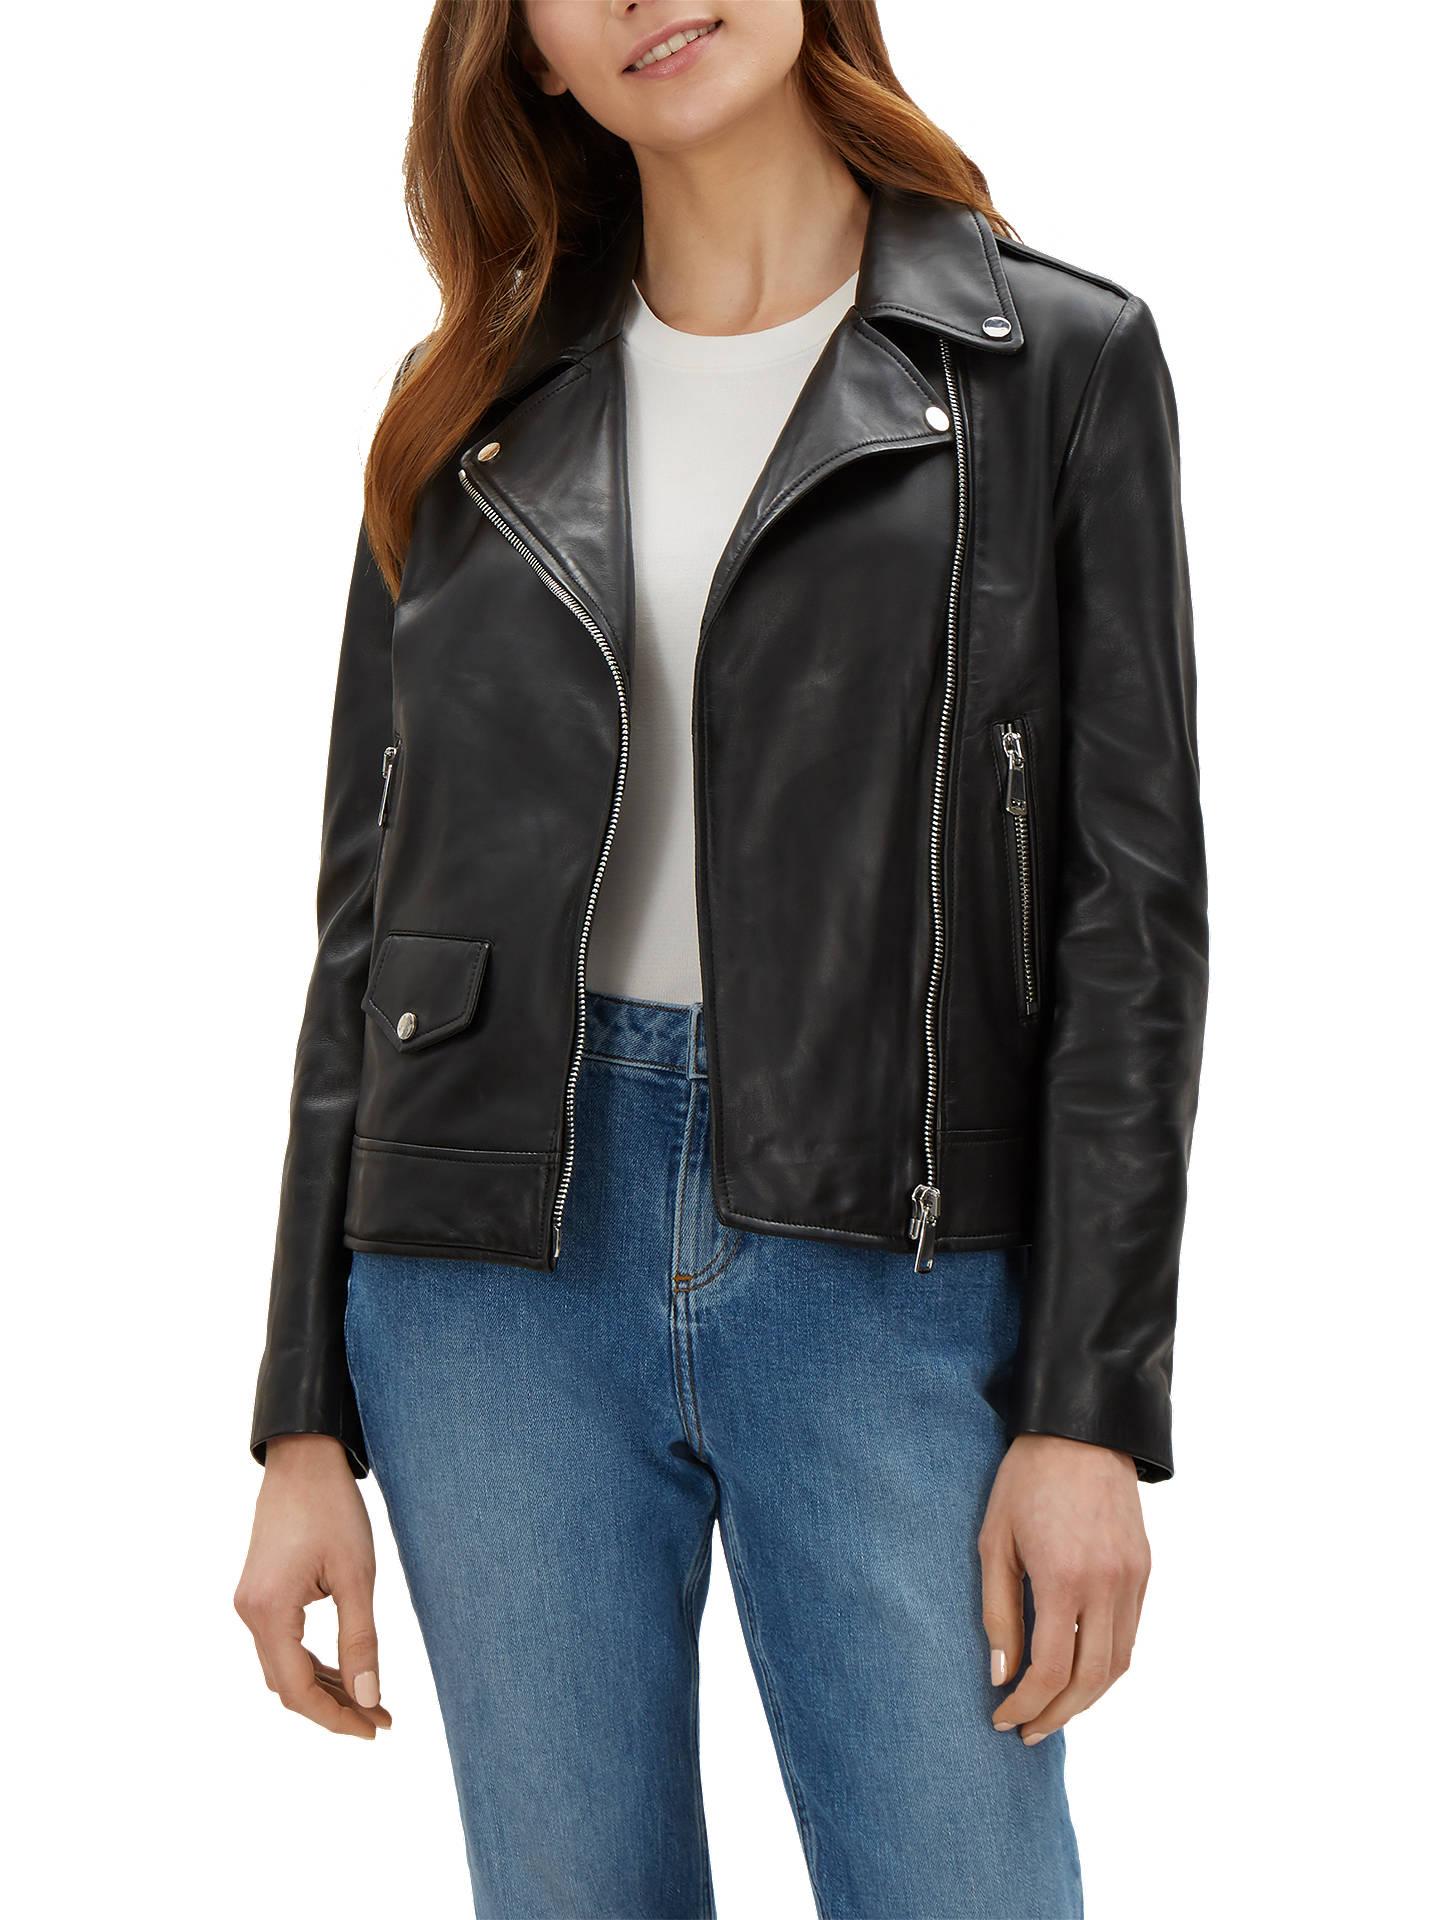 21798713e Jaeger Leather Biker Jacket, Black